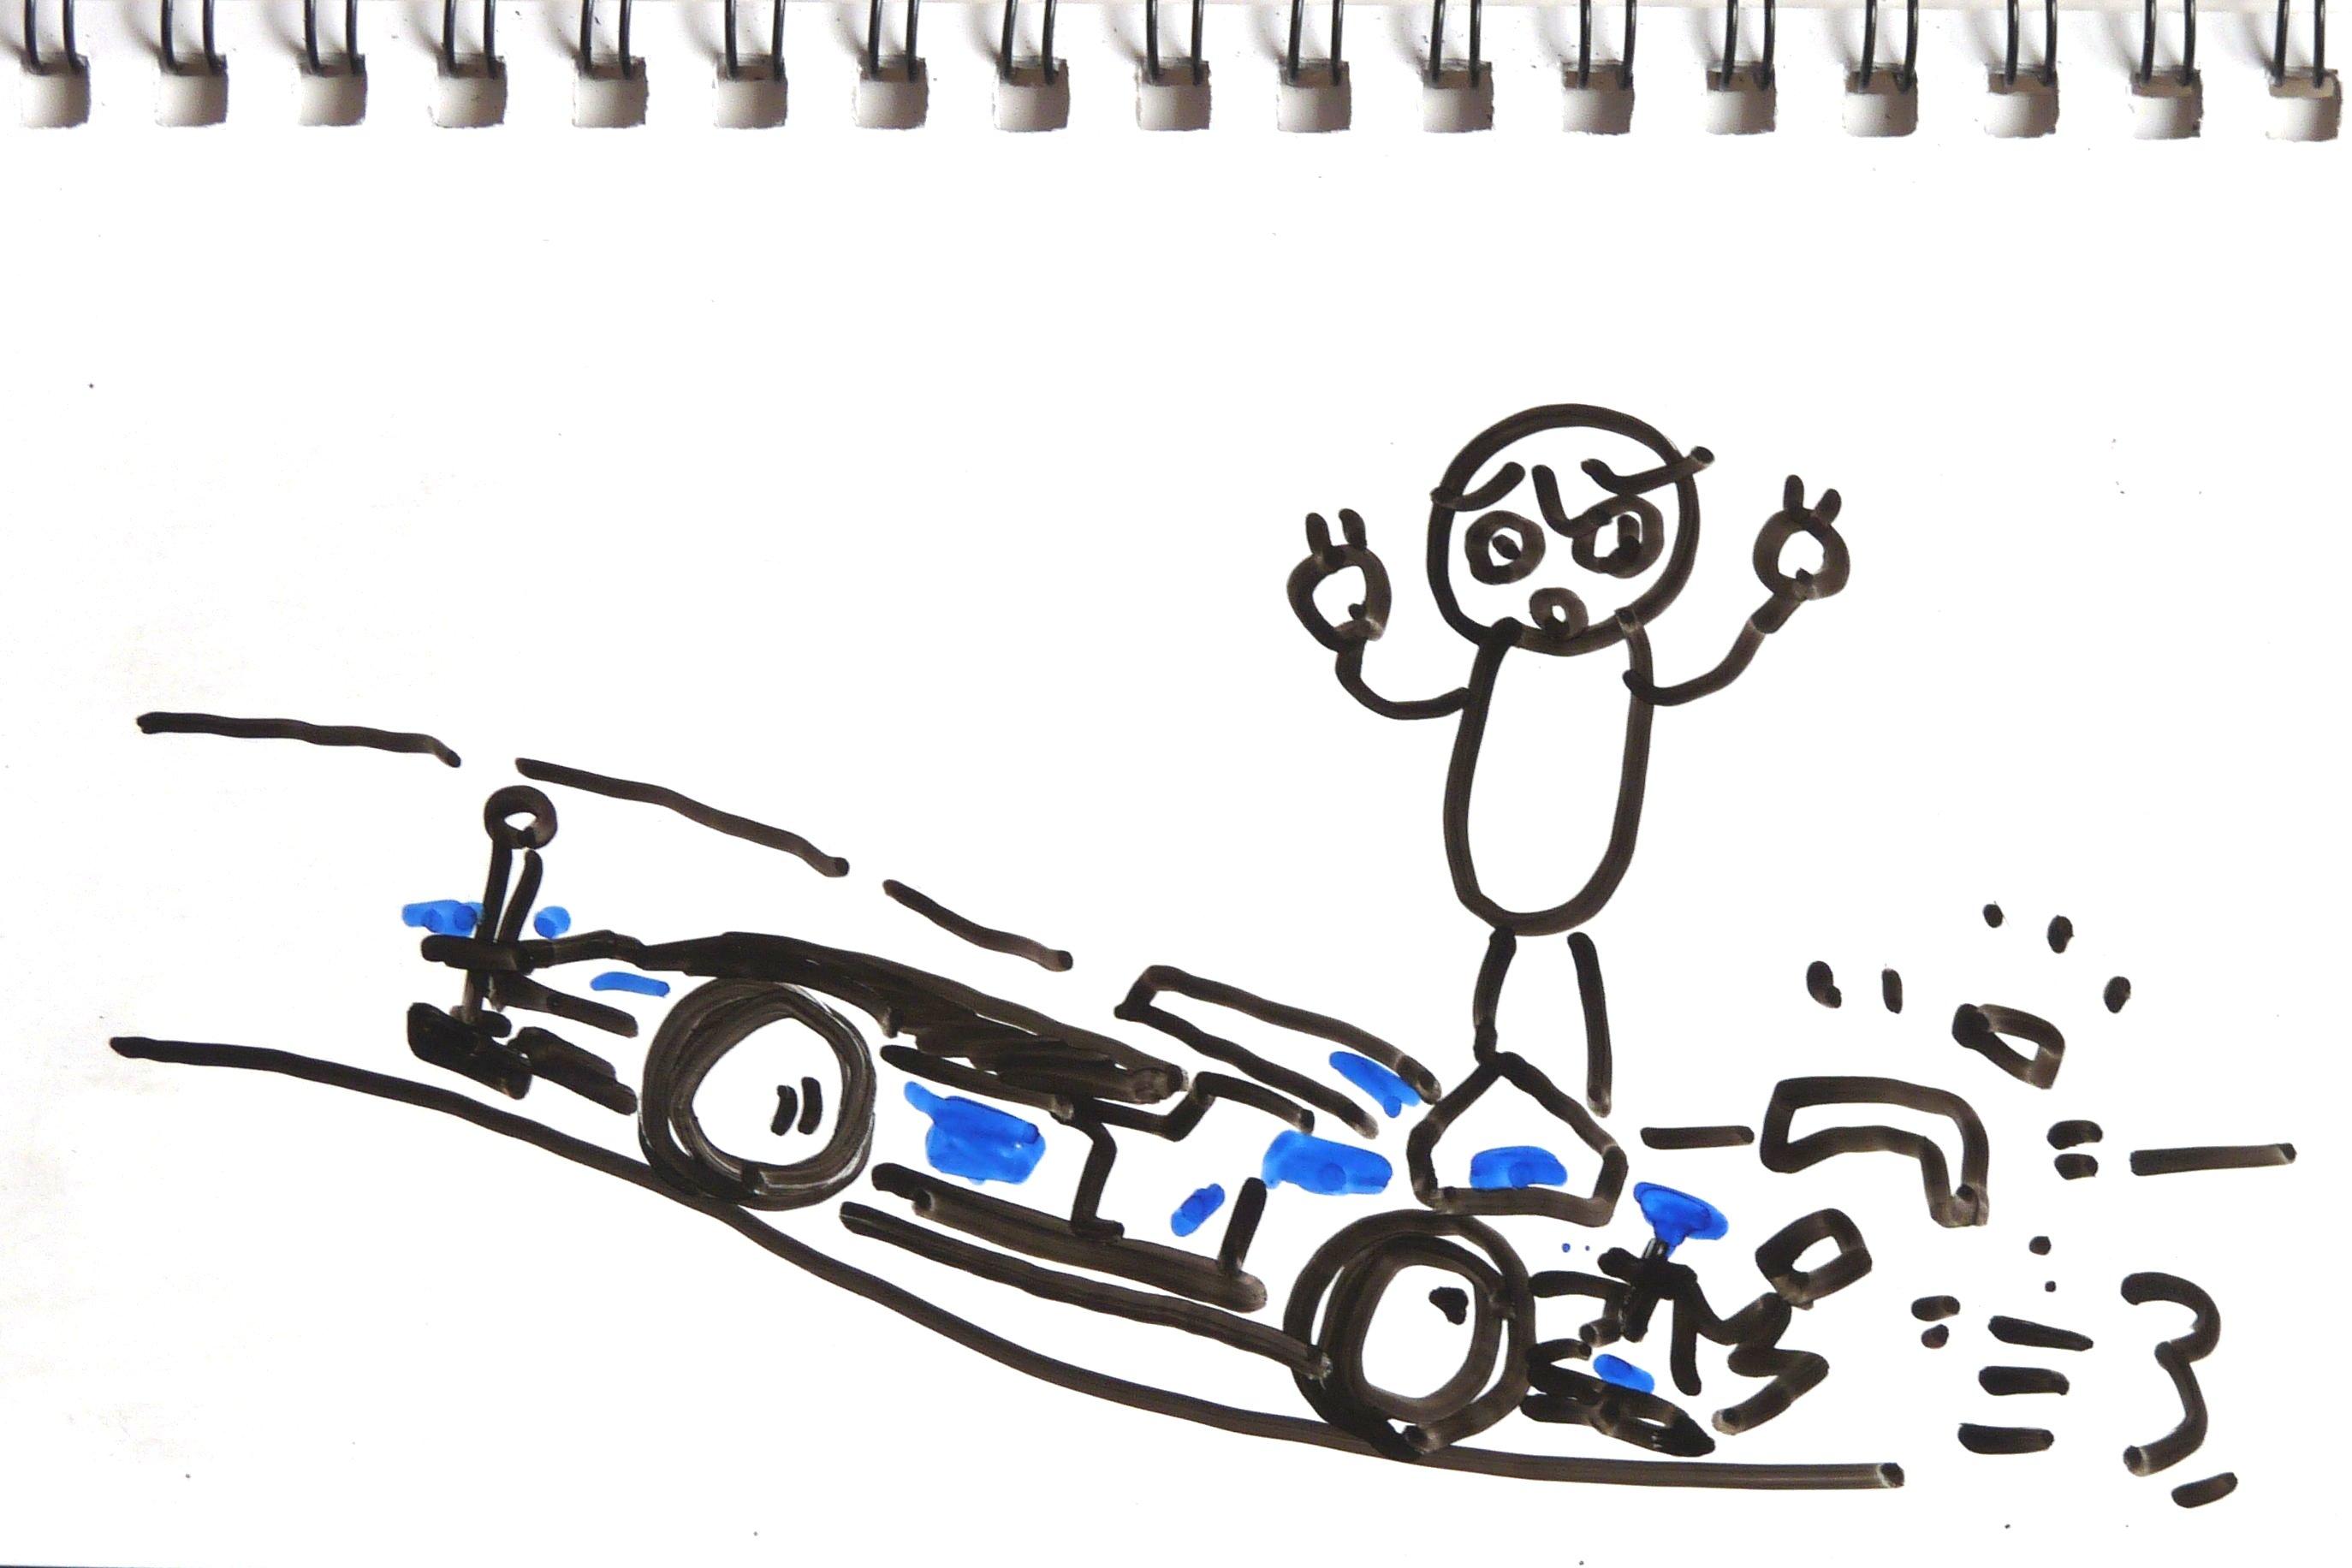 小学4年生が悩むミニ四駆、あれ、スポンジがすぐに取れちゃったよ!?ARシャーシ用リヤーブレーキセット15458と95214。